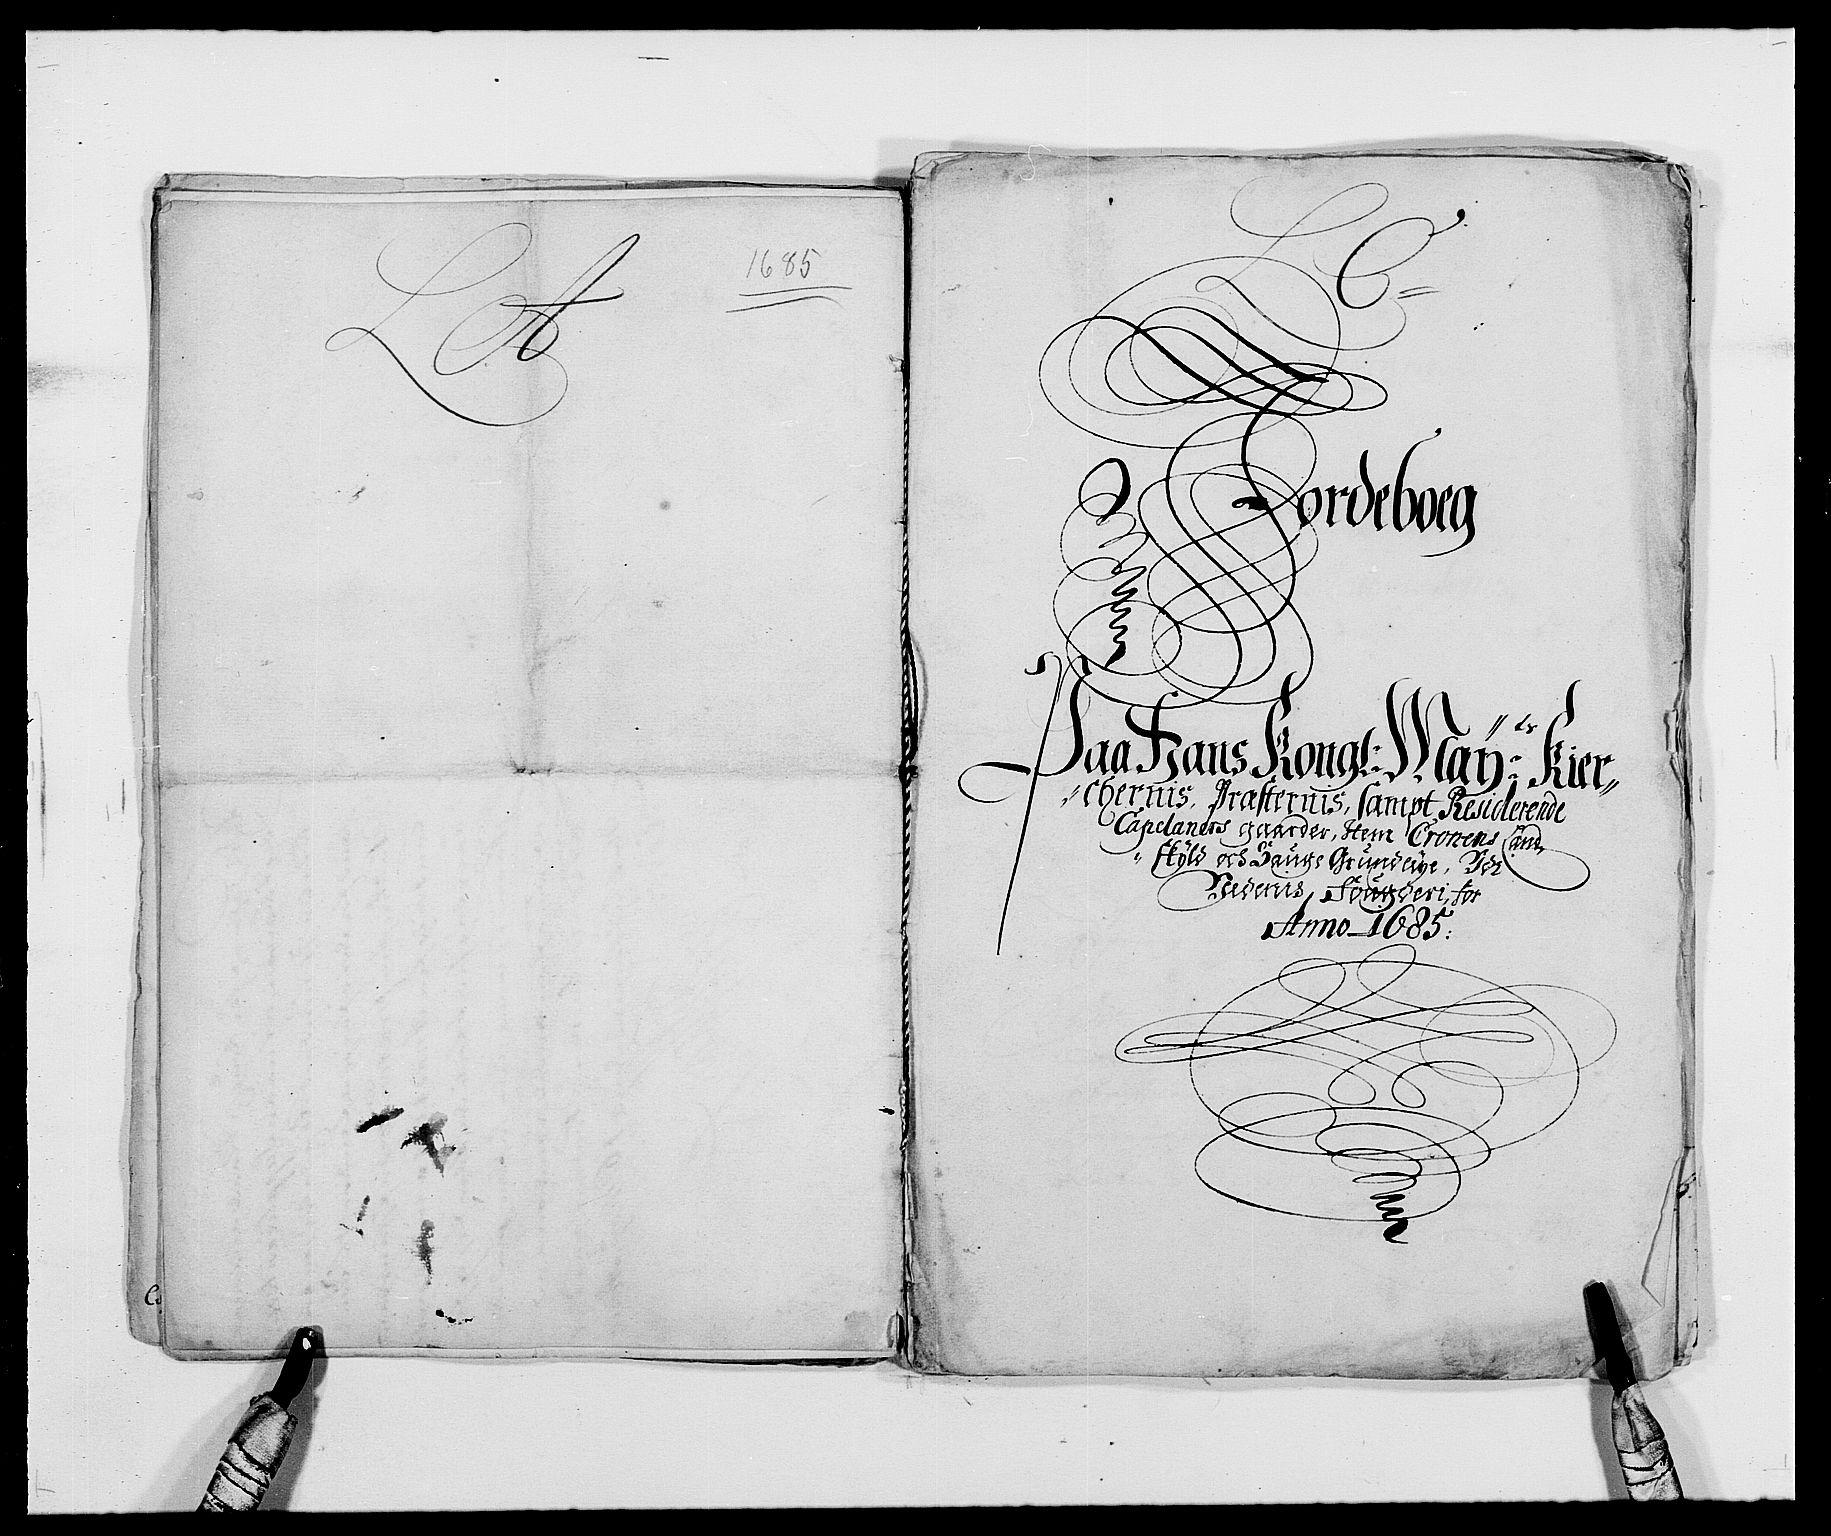 RA, Rentekammeret inntil 1814, Reviderte regnskaper, Fogderegnskap, R39/L2308: Fogderegnskap Nedenes, 1684-1689, s. 192